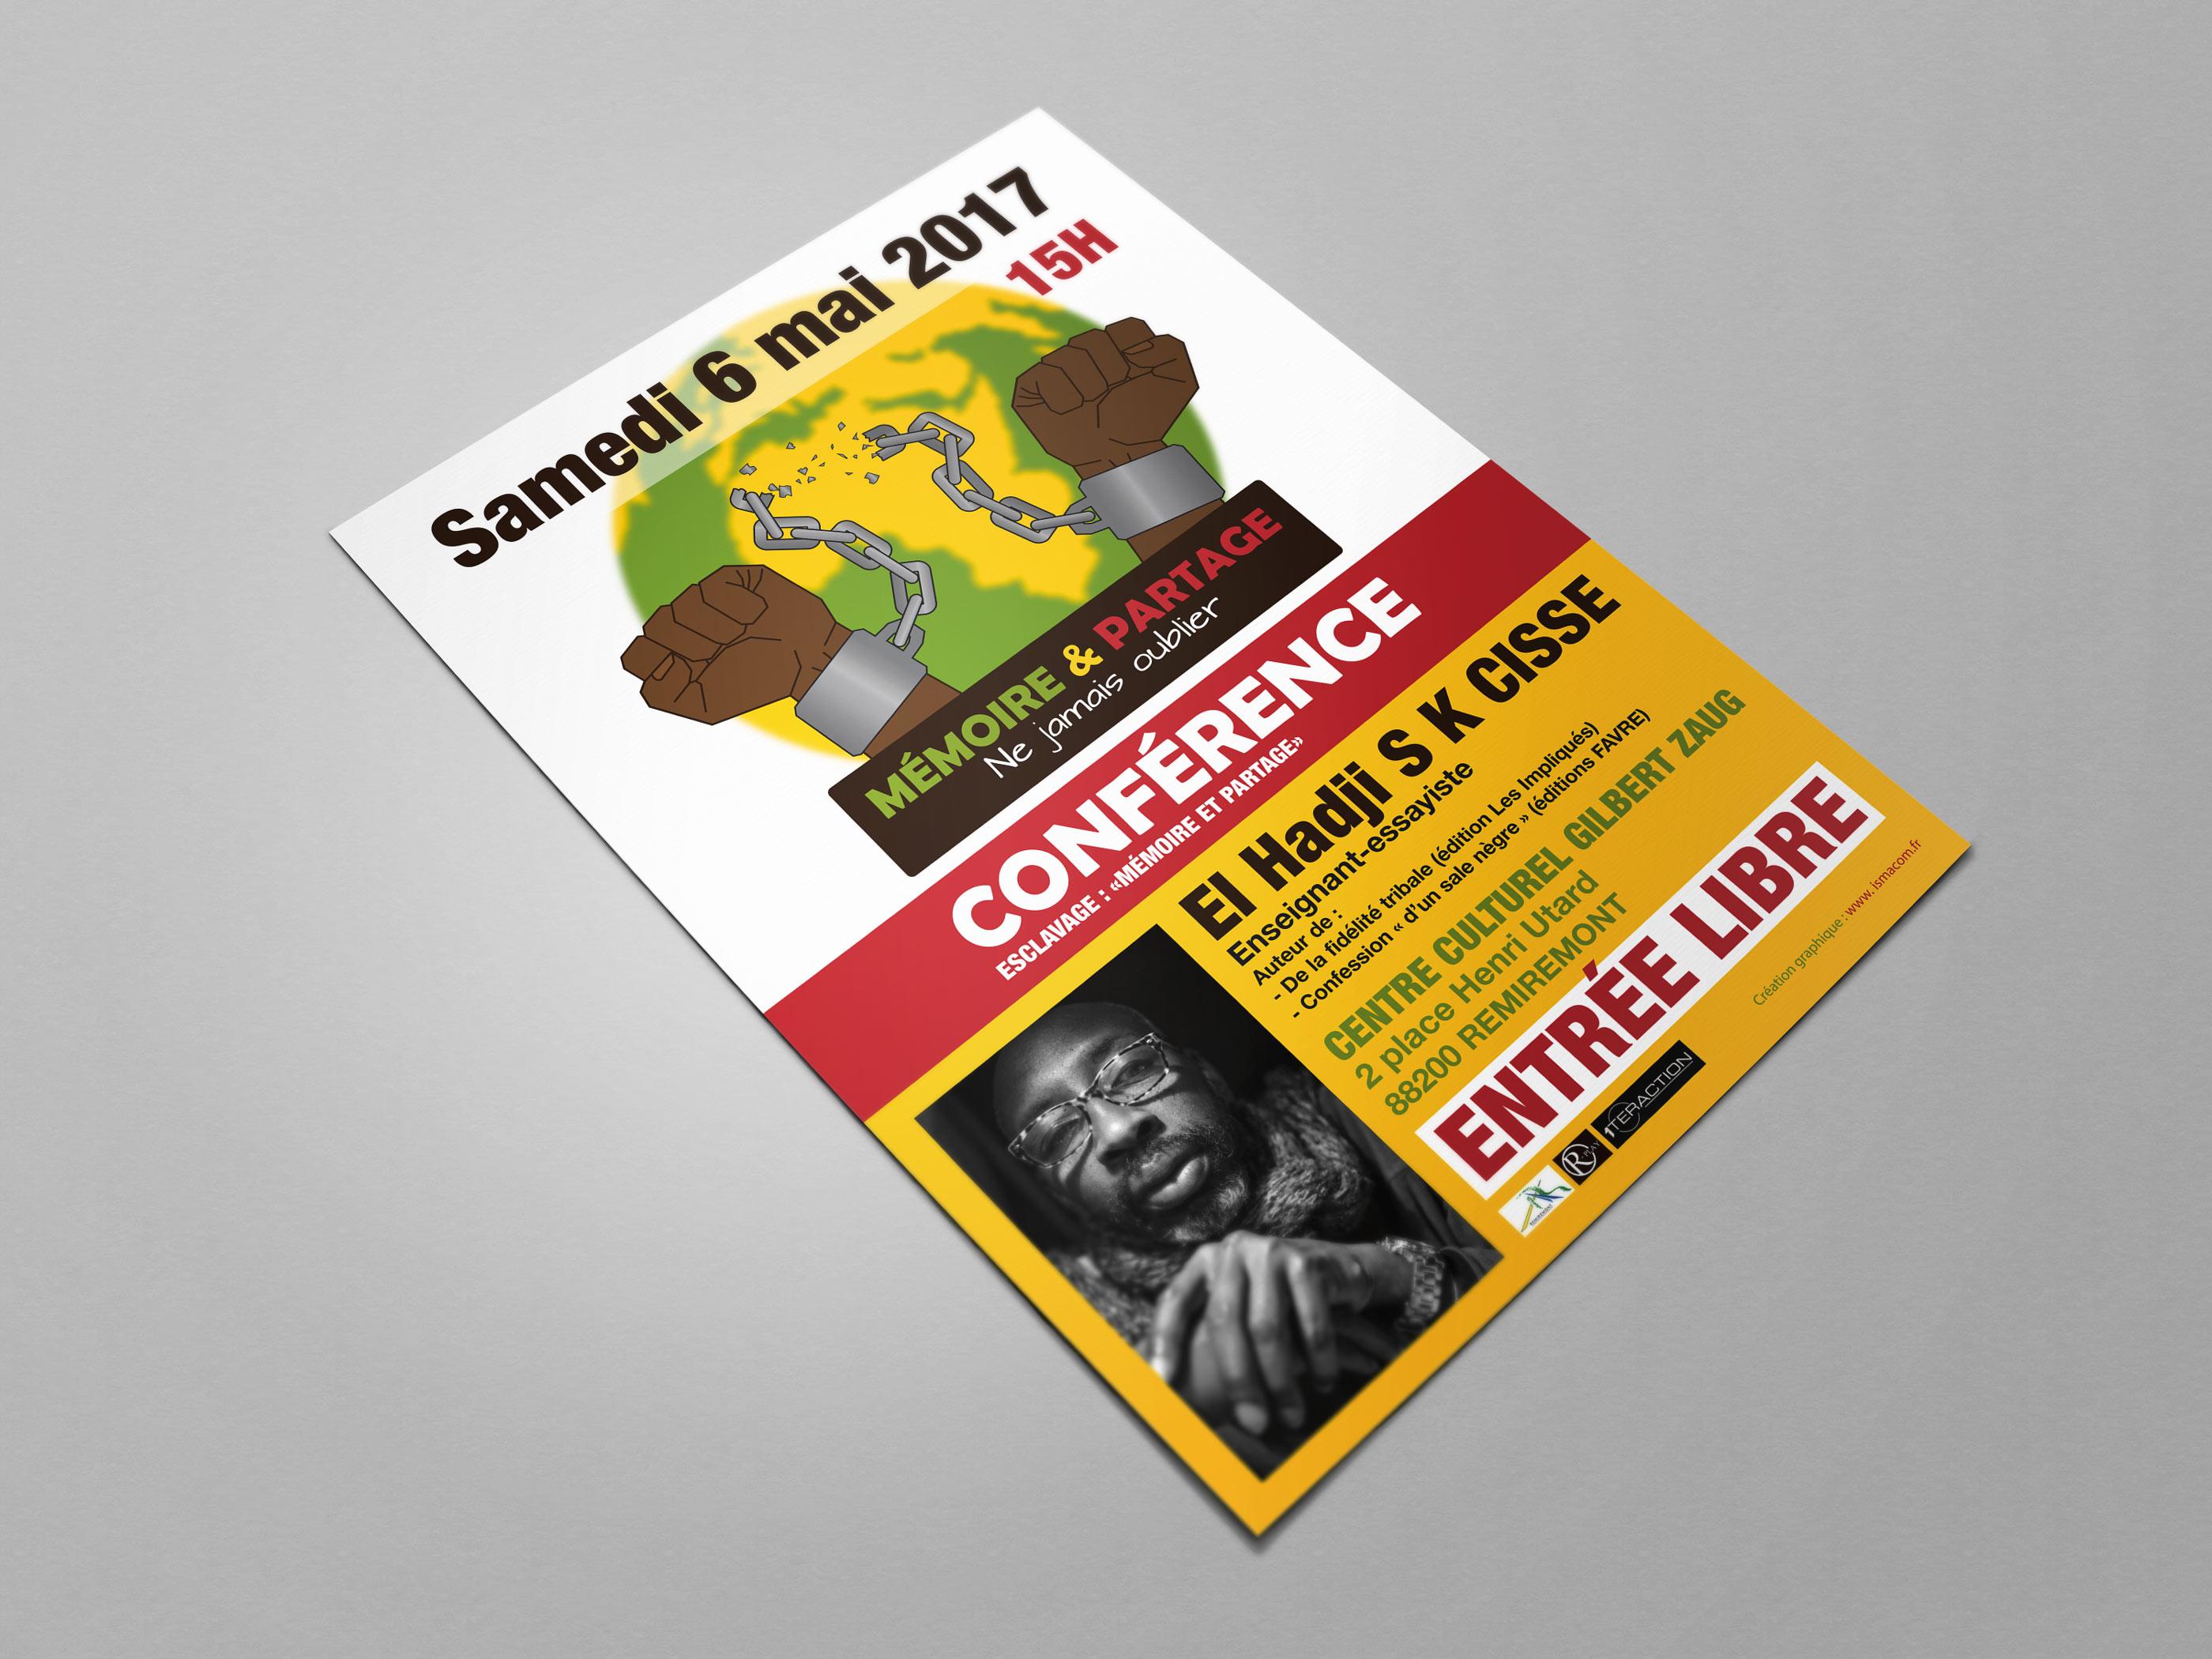 image du flyer pour une conférence autour de la commemoration de l'abolition de l'esclavage